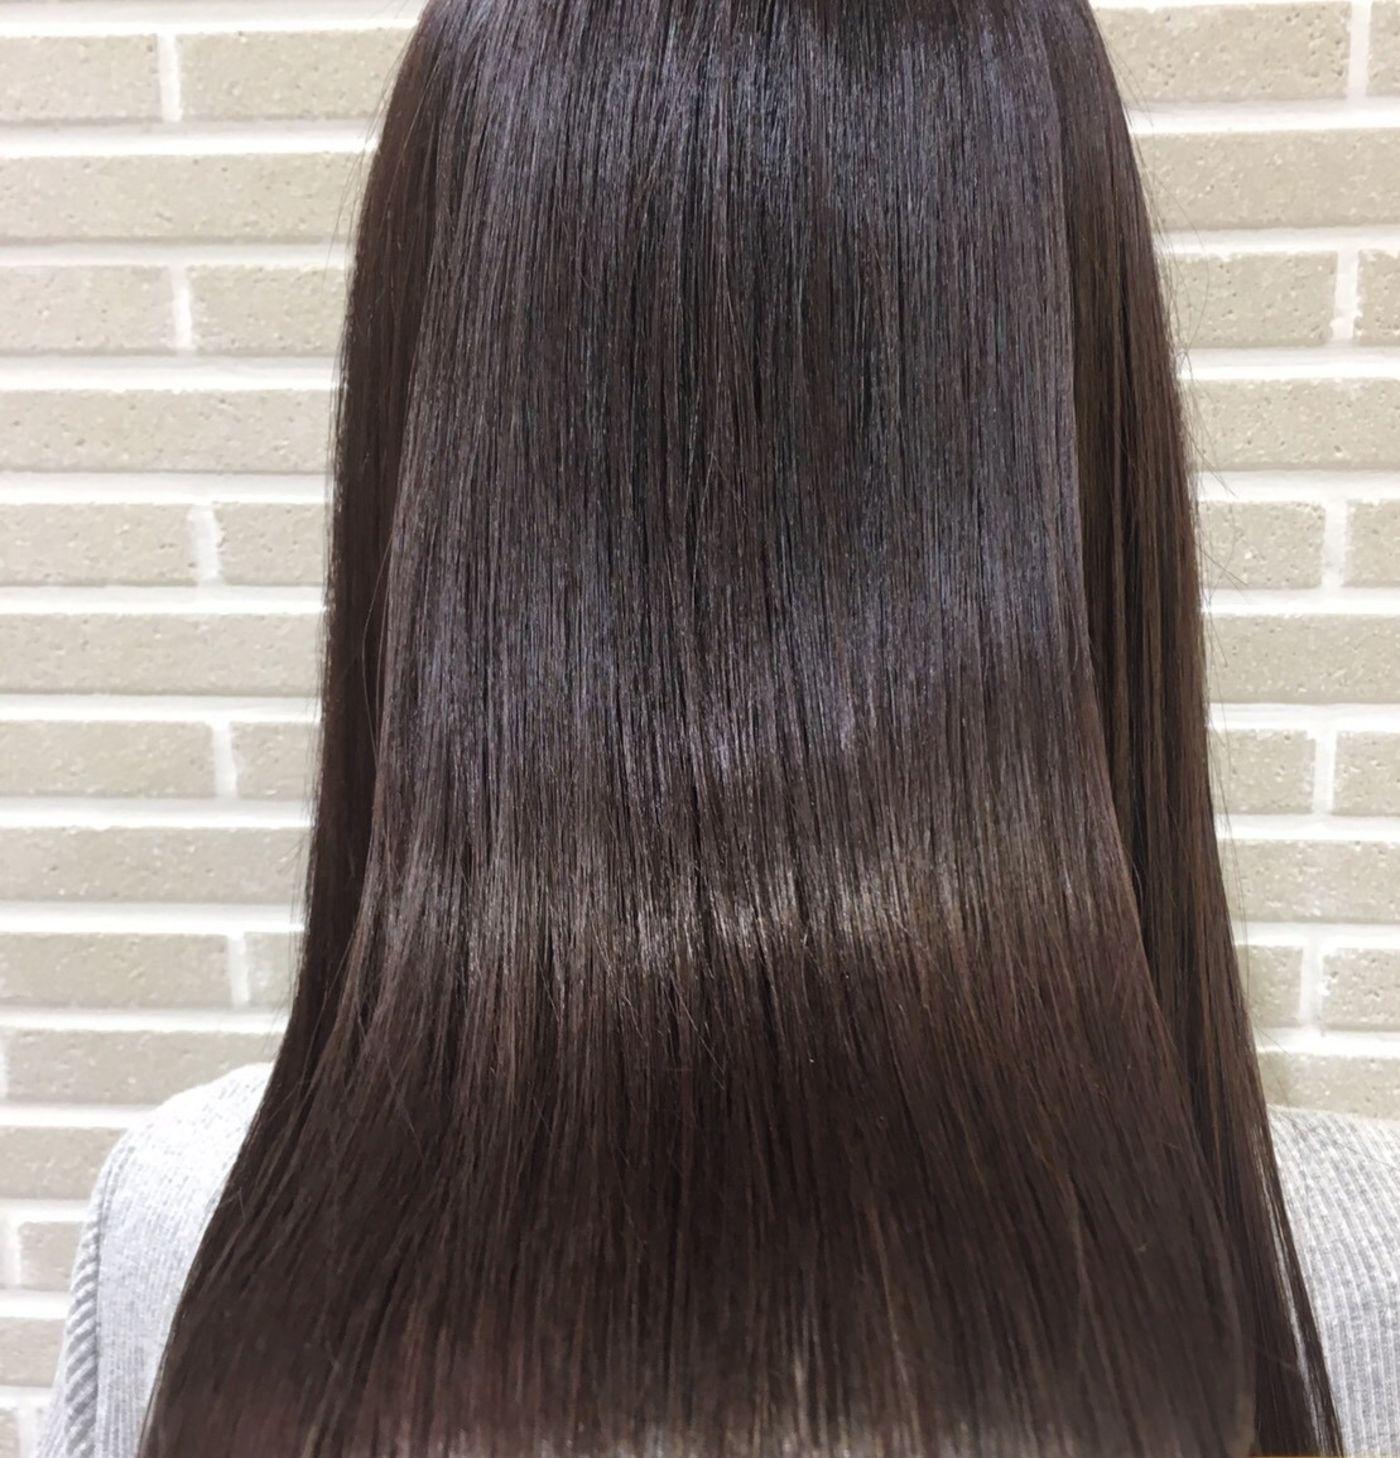 髪の伸びるサイクルと抜け毛・薄毛の原因